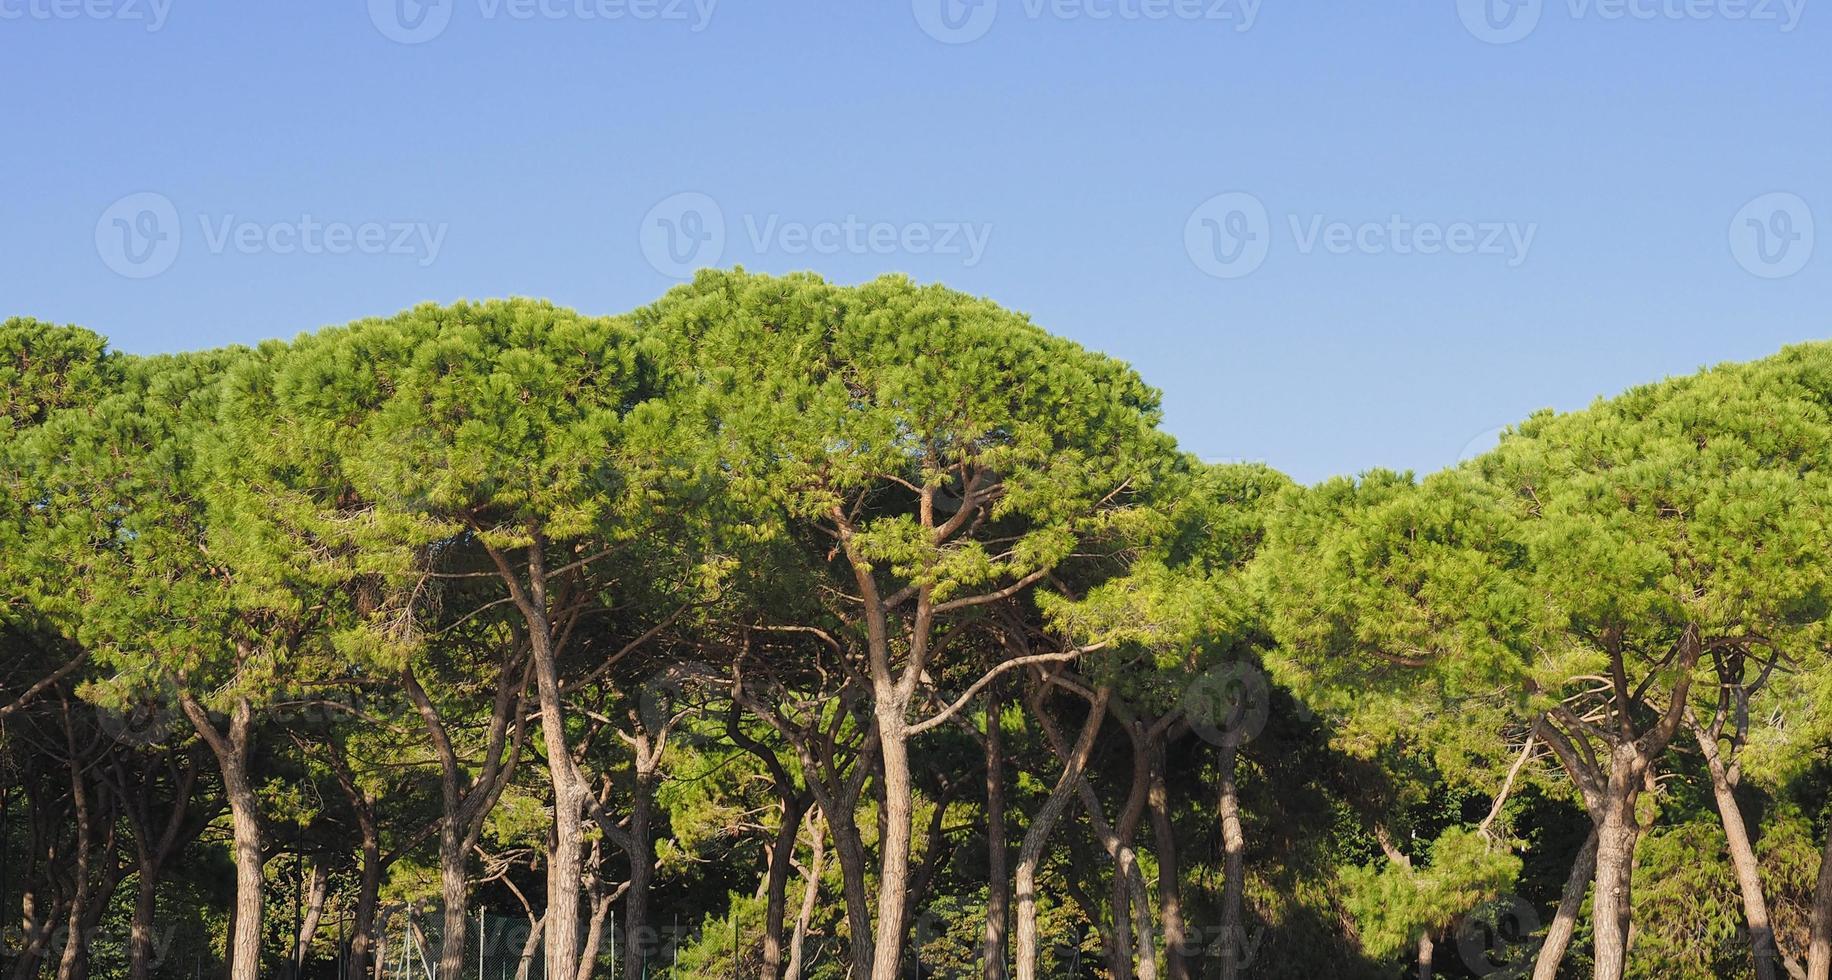 pinheiro bravo também conhecido como pinus pinaceae foto